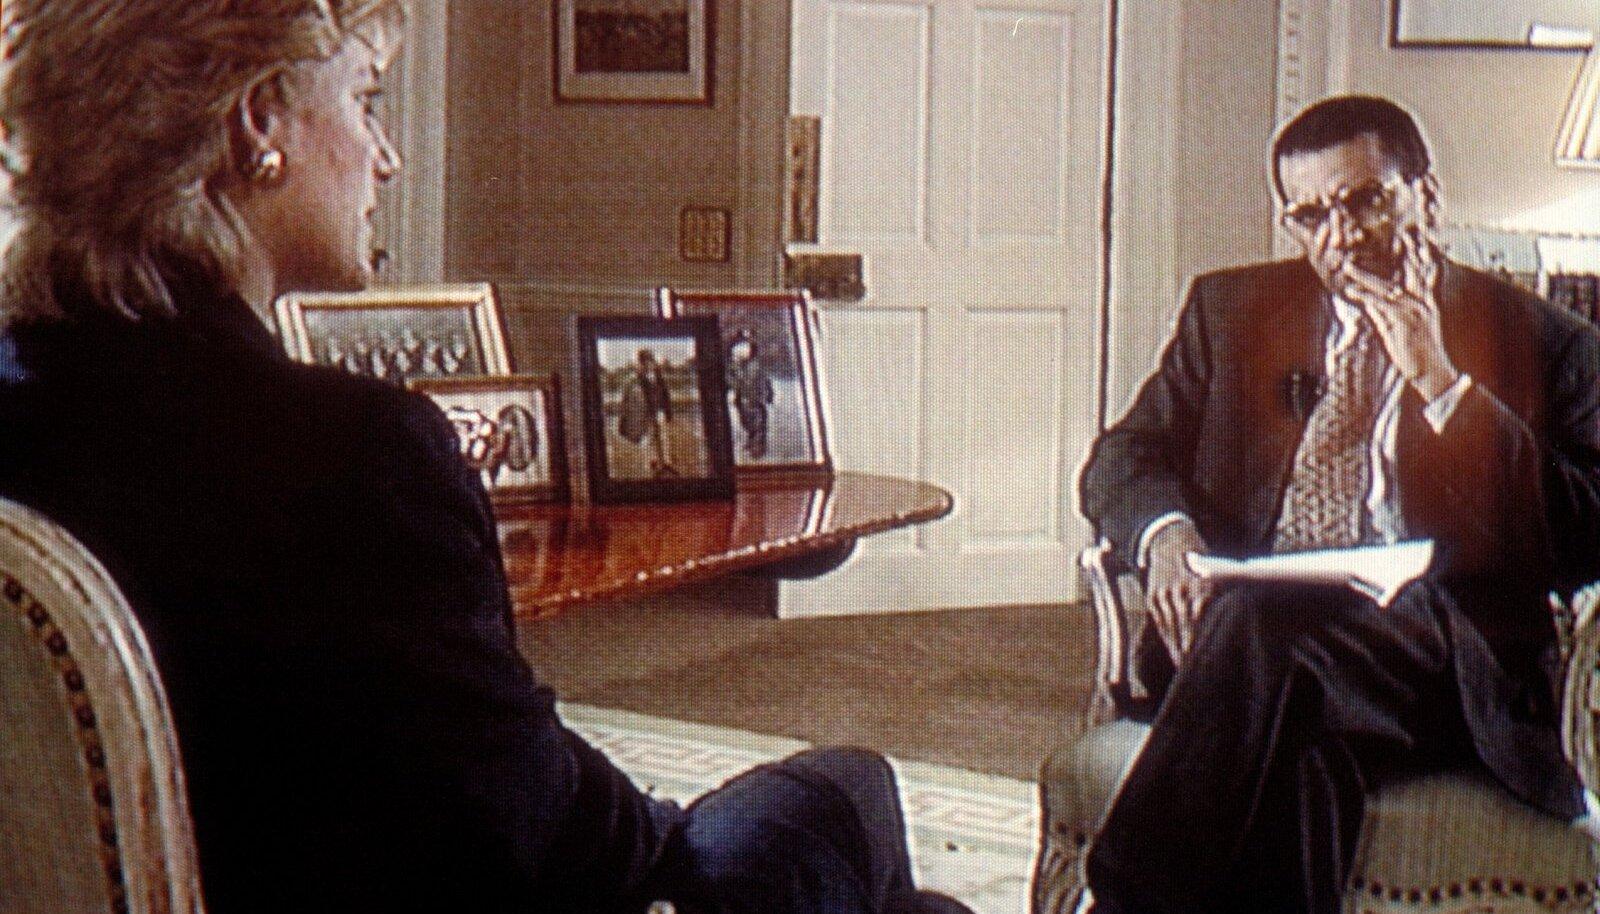 20. novembril 1995 oli eetris saatuslik intervjuu, mis viis printsess Diana hukuni. Nüüdseks on ajakirjanik Martin Bashiri manipulatsioonid paljastatud.